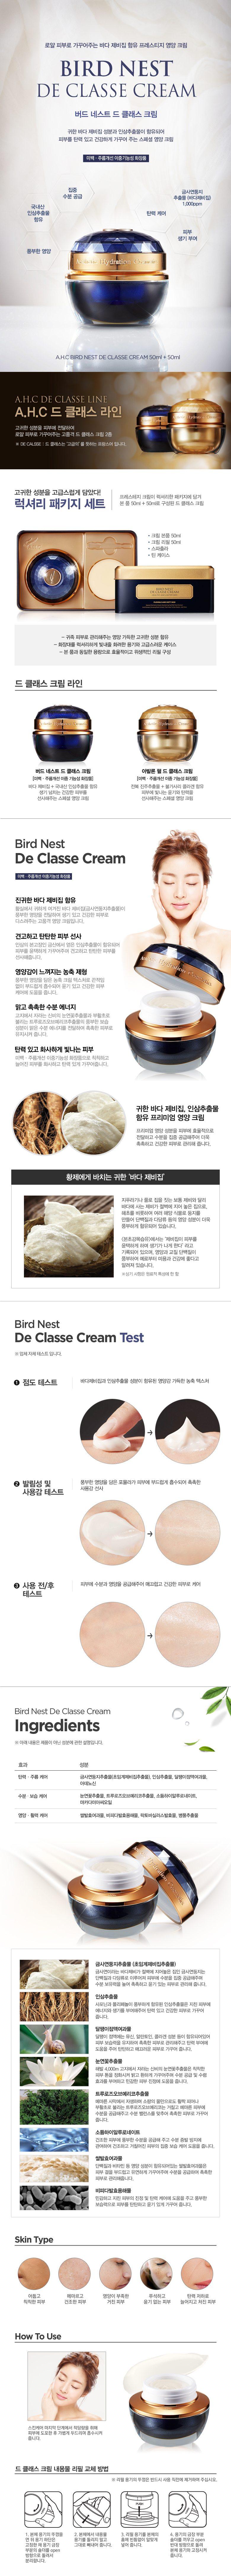 AHC Bird Nest De Classe Cream Set malaysia singapore indonesia